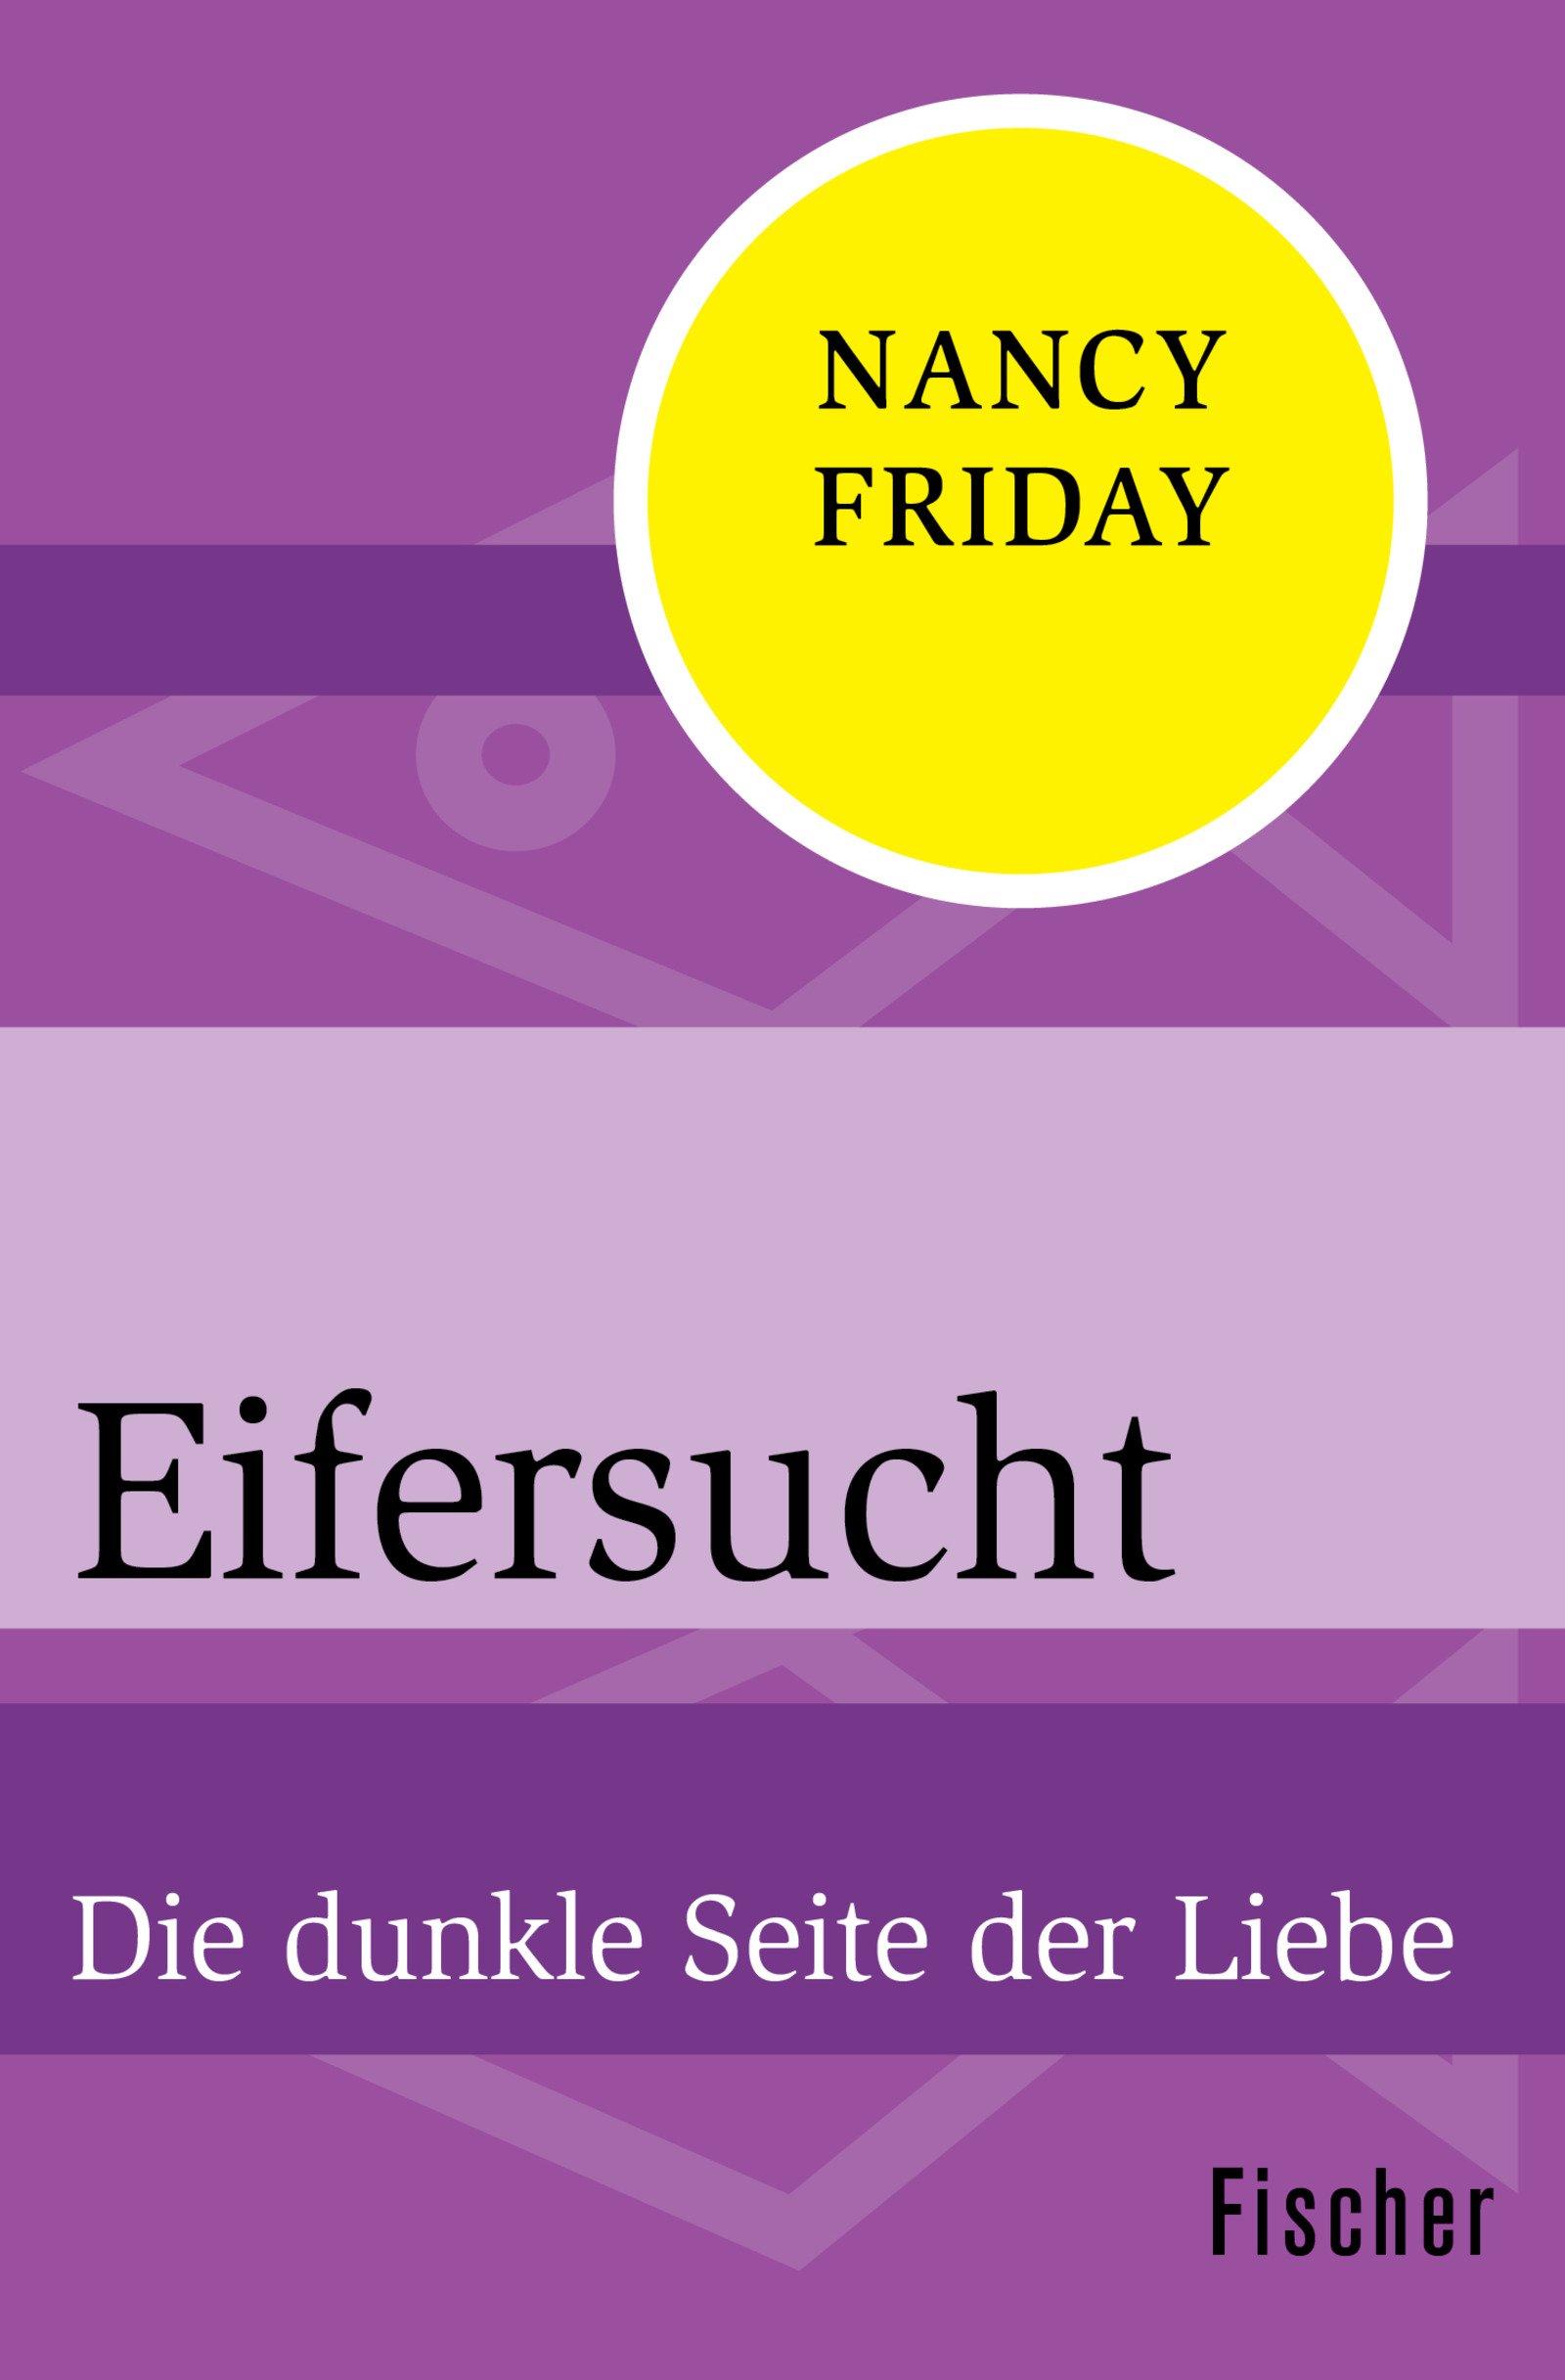 Eifersucht: Die dunkle Seite der Liebe Taschenbuch – 27. Oktober 2017 Nancy Friday Elke vom Scheidt FISCHER Taschenbuch 3596318904